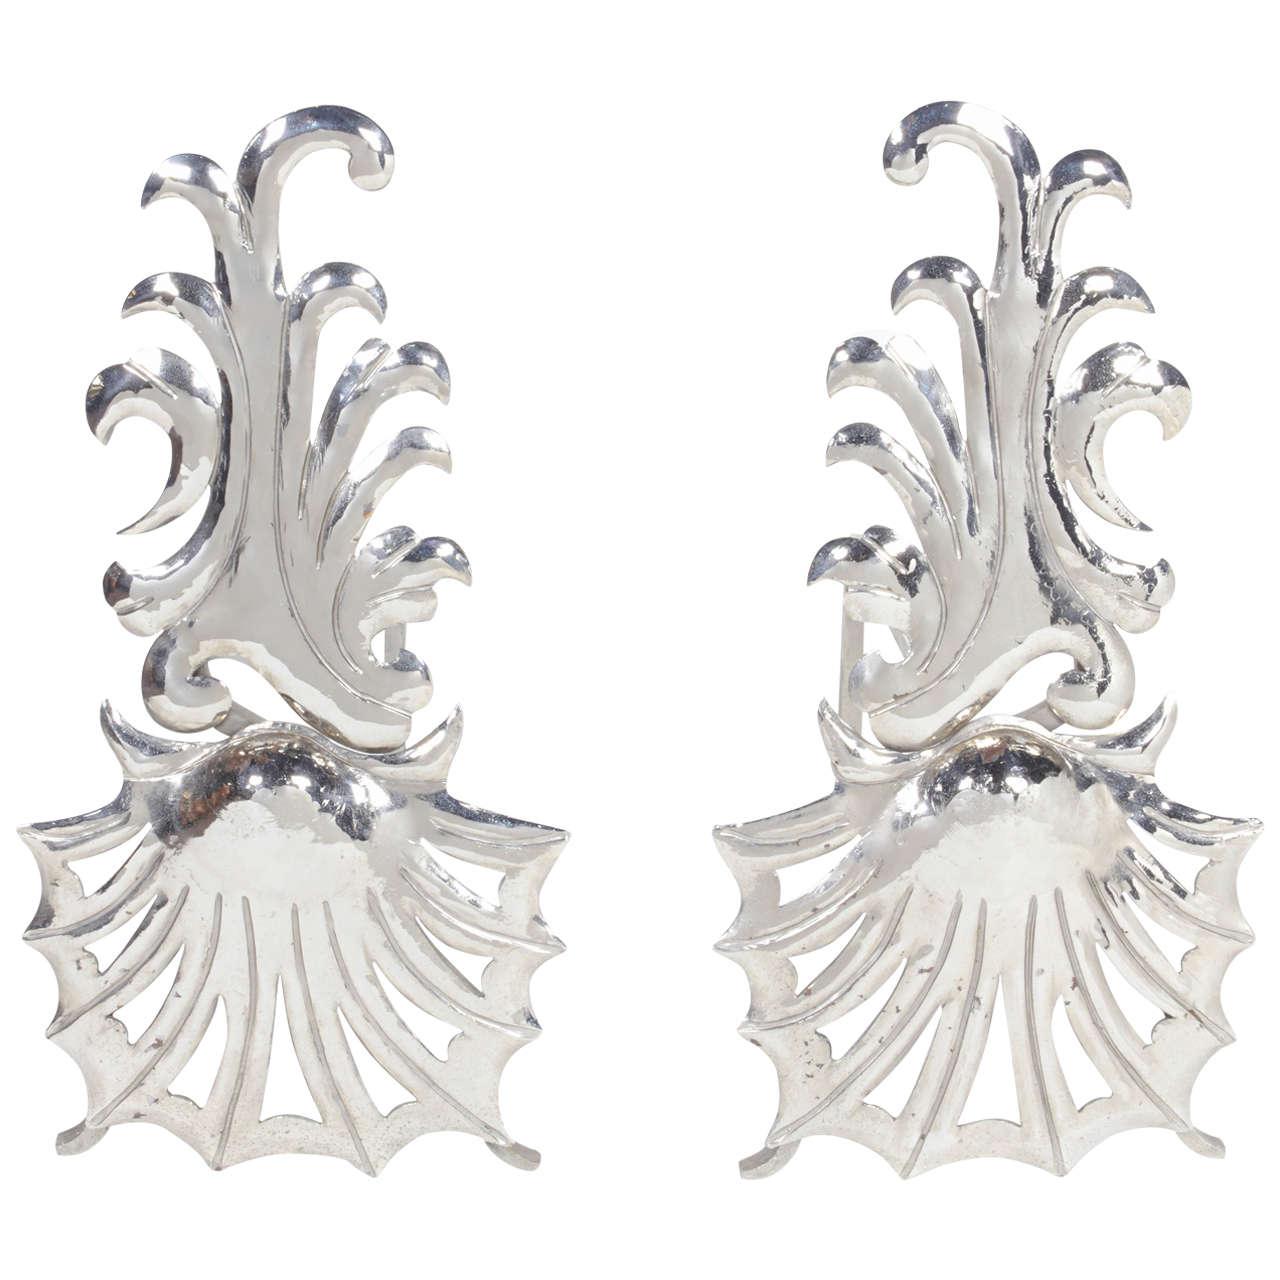 Pair of Elegant Hollywood Regency Fireplace Andirons 1